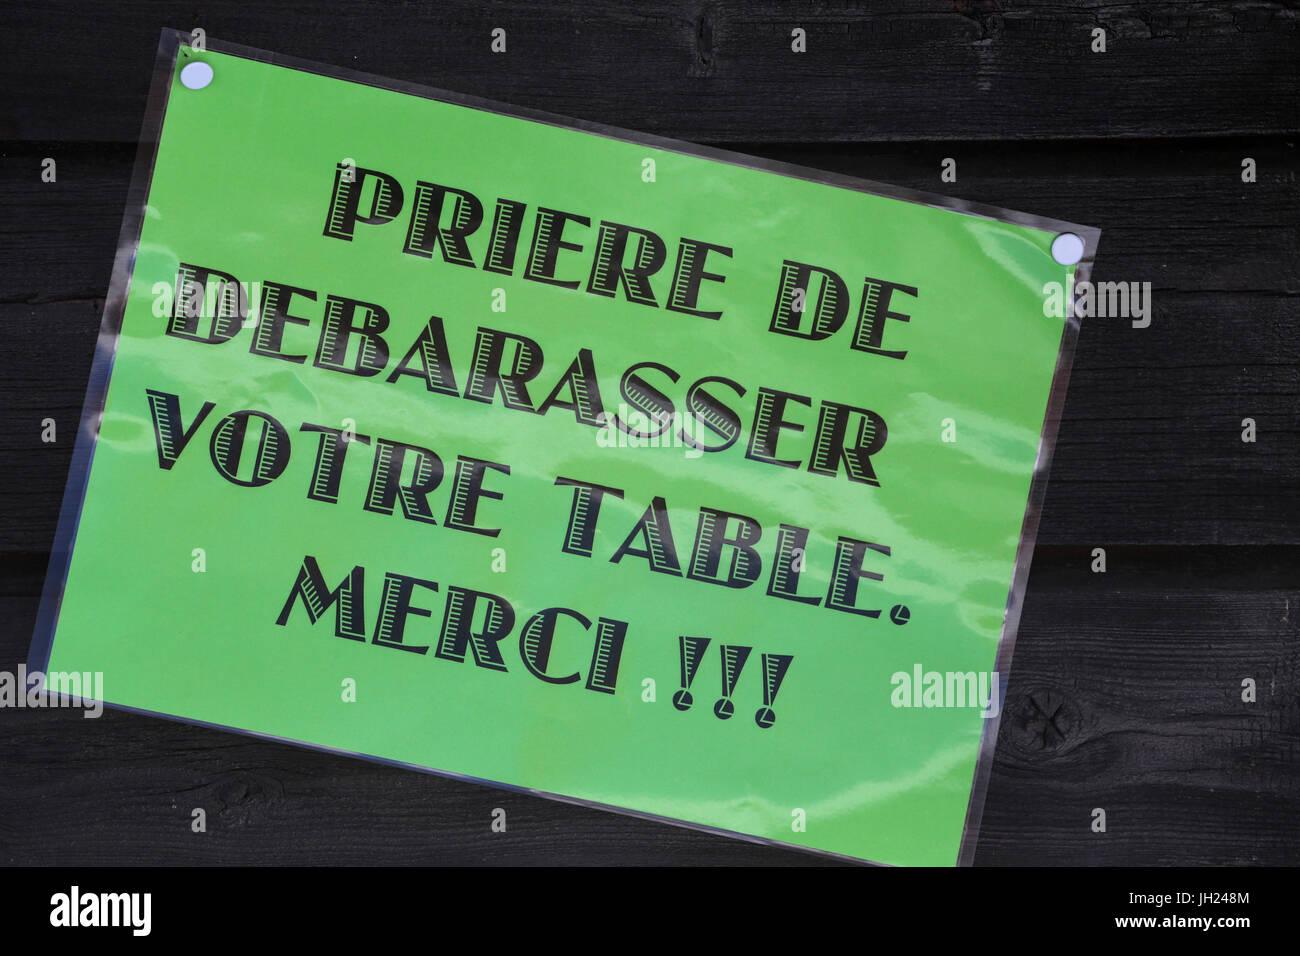 Reinigen Sie Ihren Tisch Uo. Restaurant-Zeichen. Frankreich. Stockbild